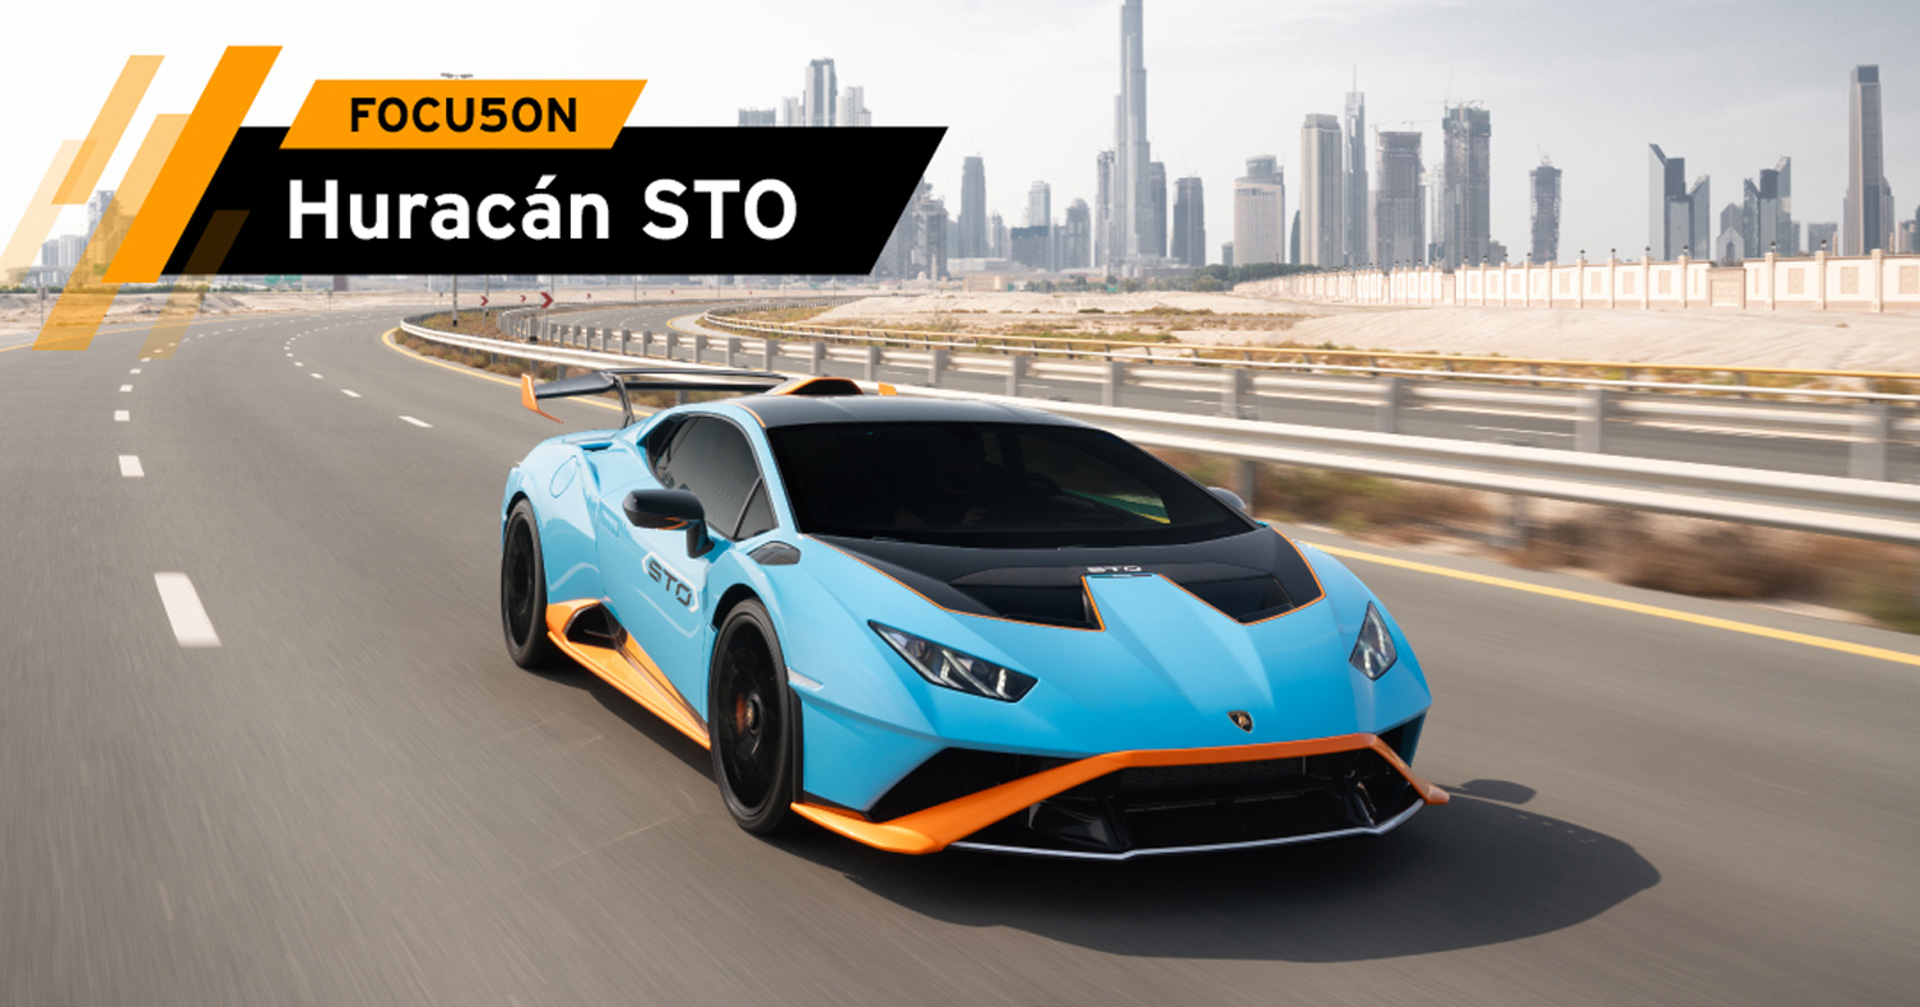 Lamborghini-Huracan-STO-Focu5on-8.jpg